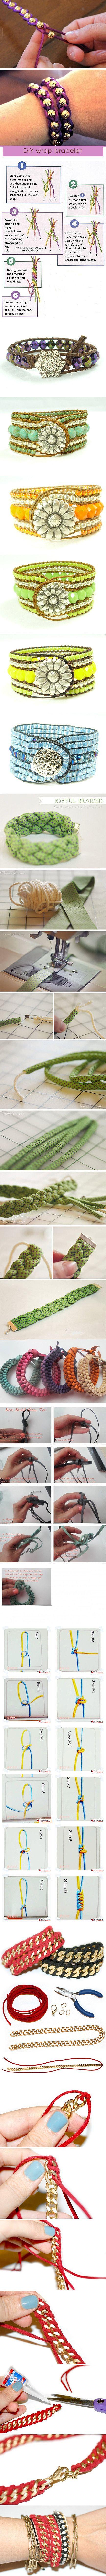 Great DIY jewelry ideas